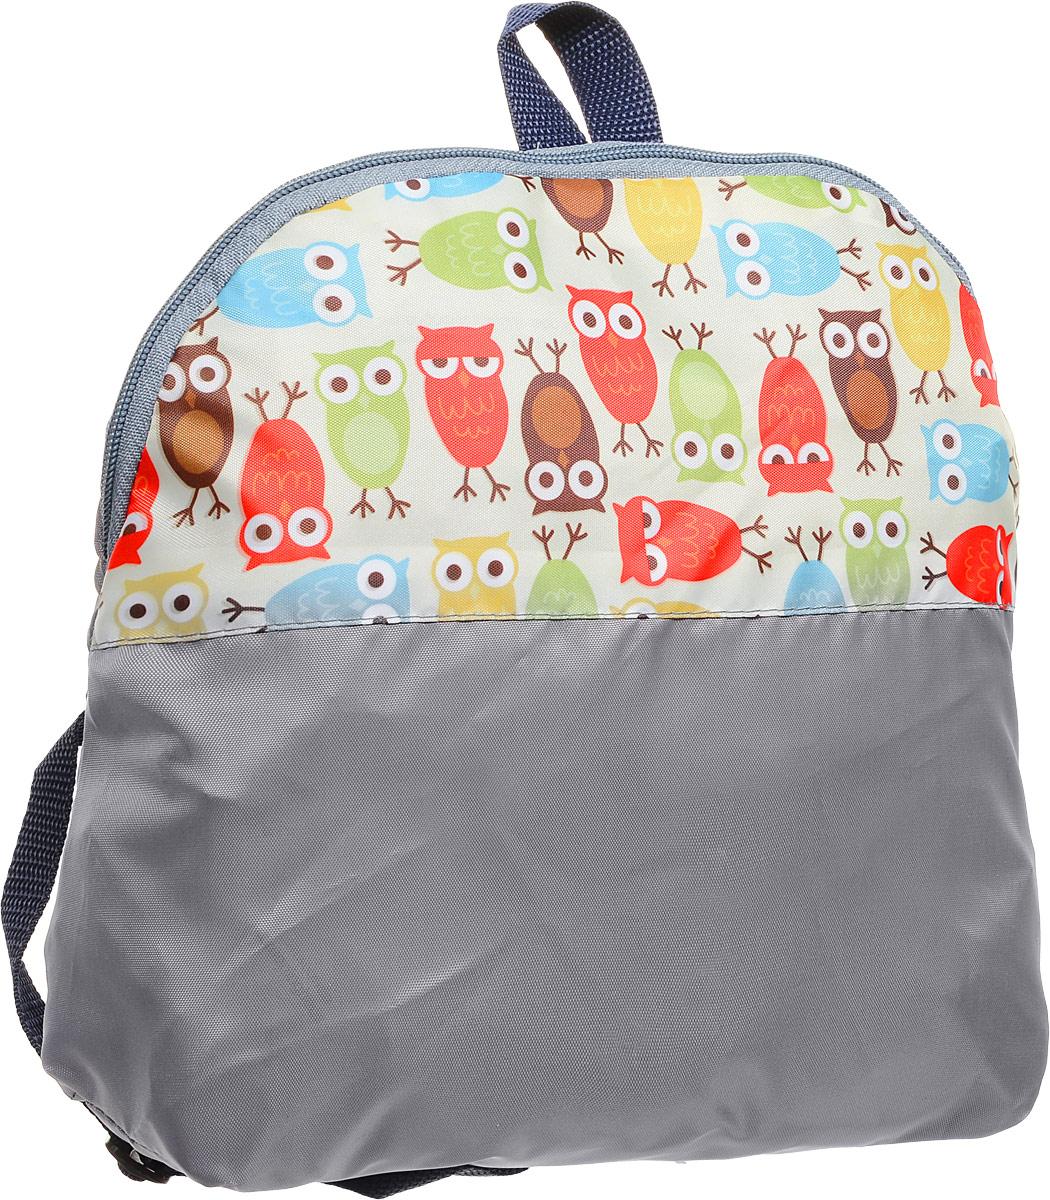 Рюкзак детский Mitya Veselkov Совушки, цвет: серый. 1989757 рюкзак mitya veselkov кеды цвет черный backpack keds